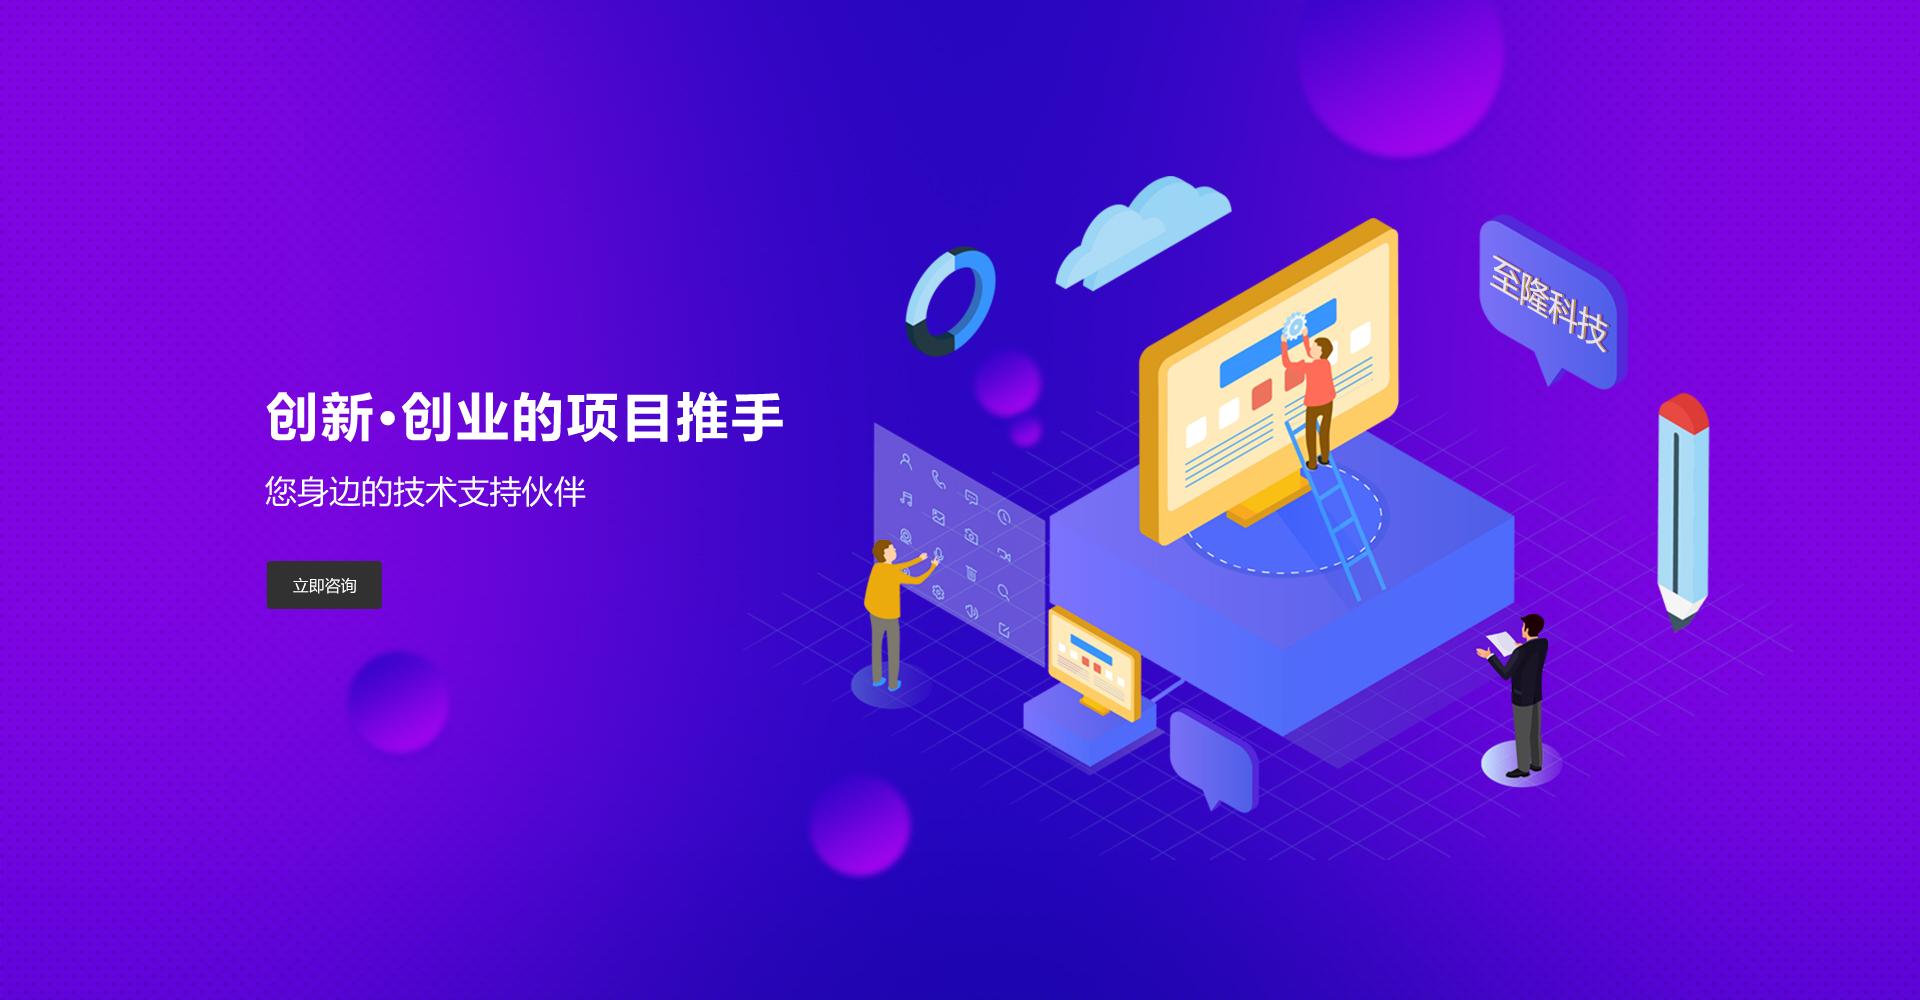 【区块链软件系统定制开发】平台源码/app/网站制作开发外包